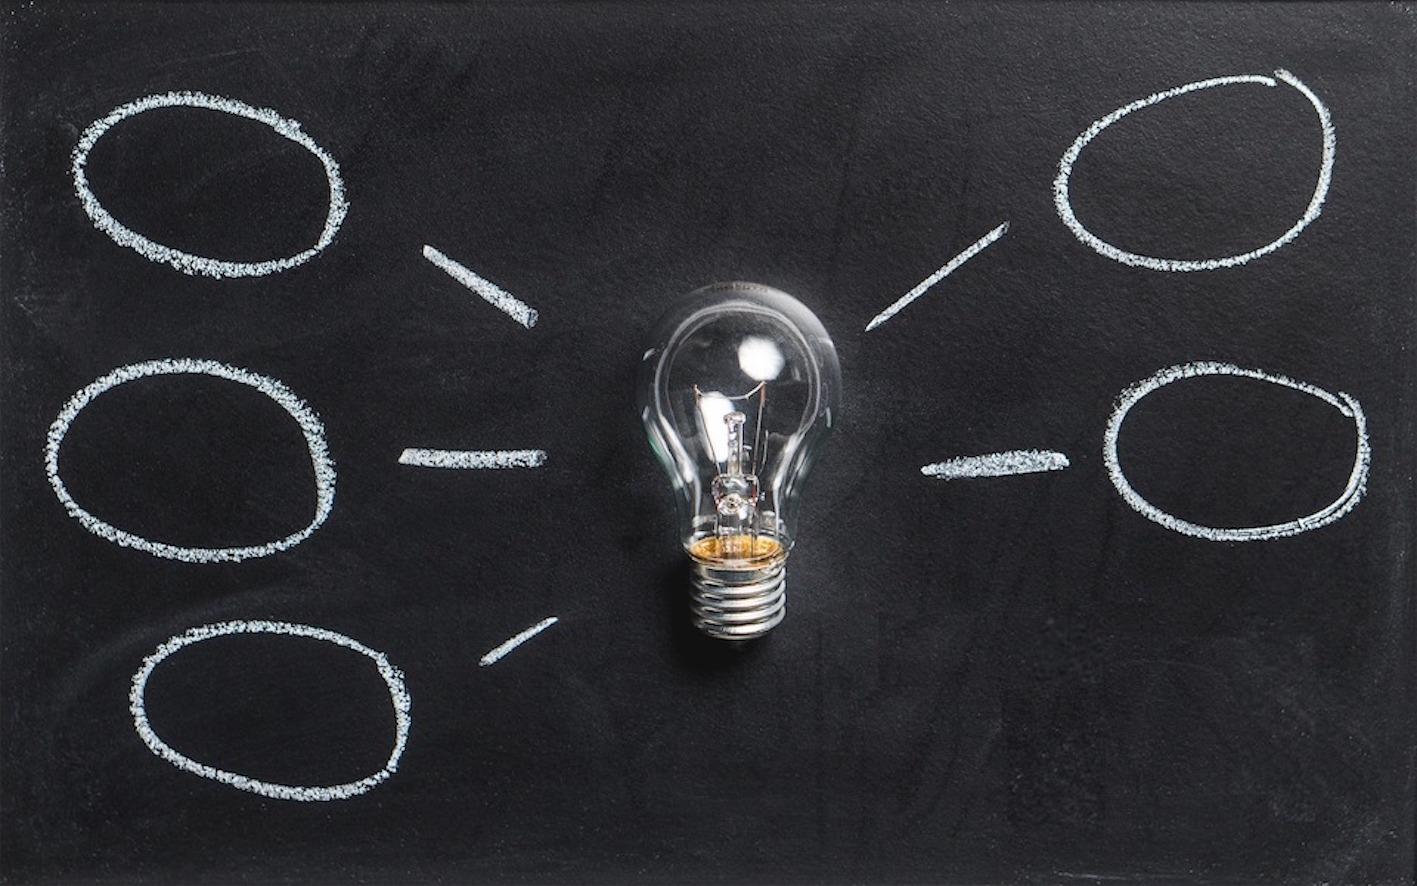 Cinq raisons de solliciter Le mot à 5 pattes